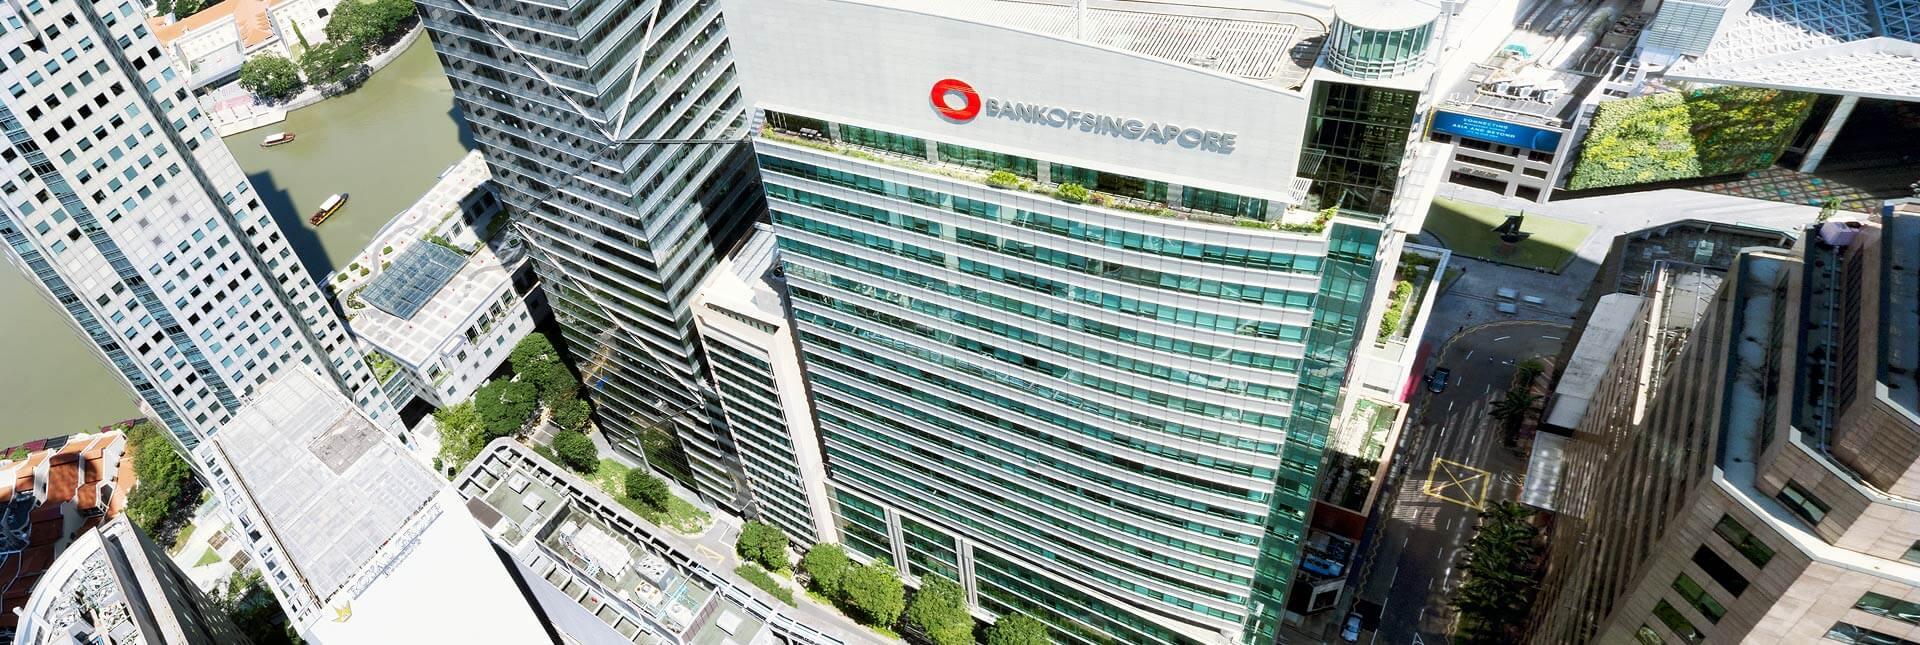 Bos Building